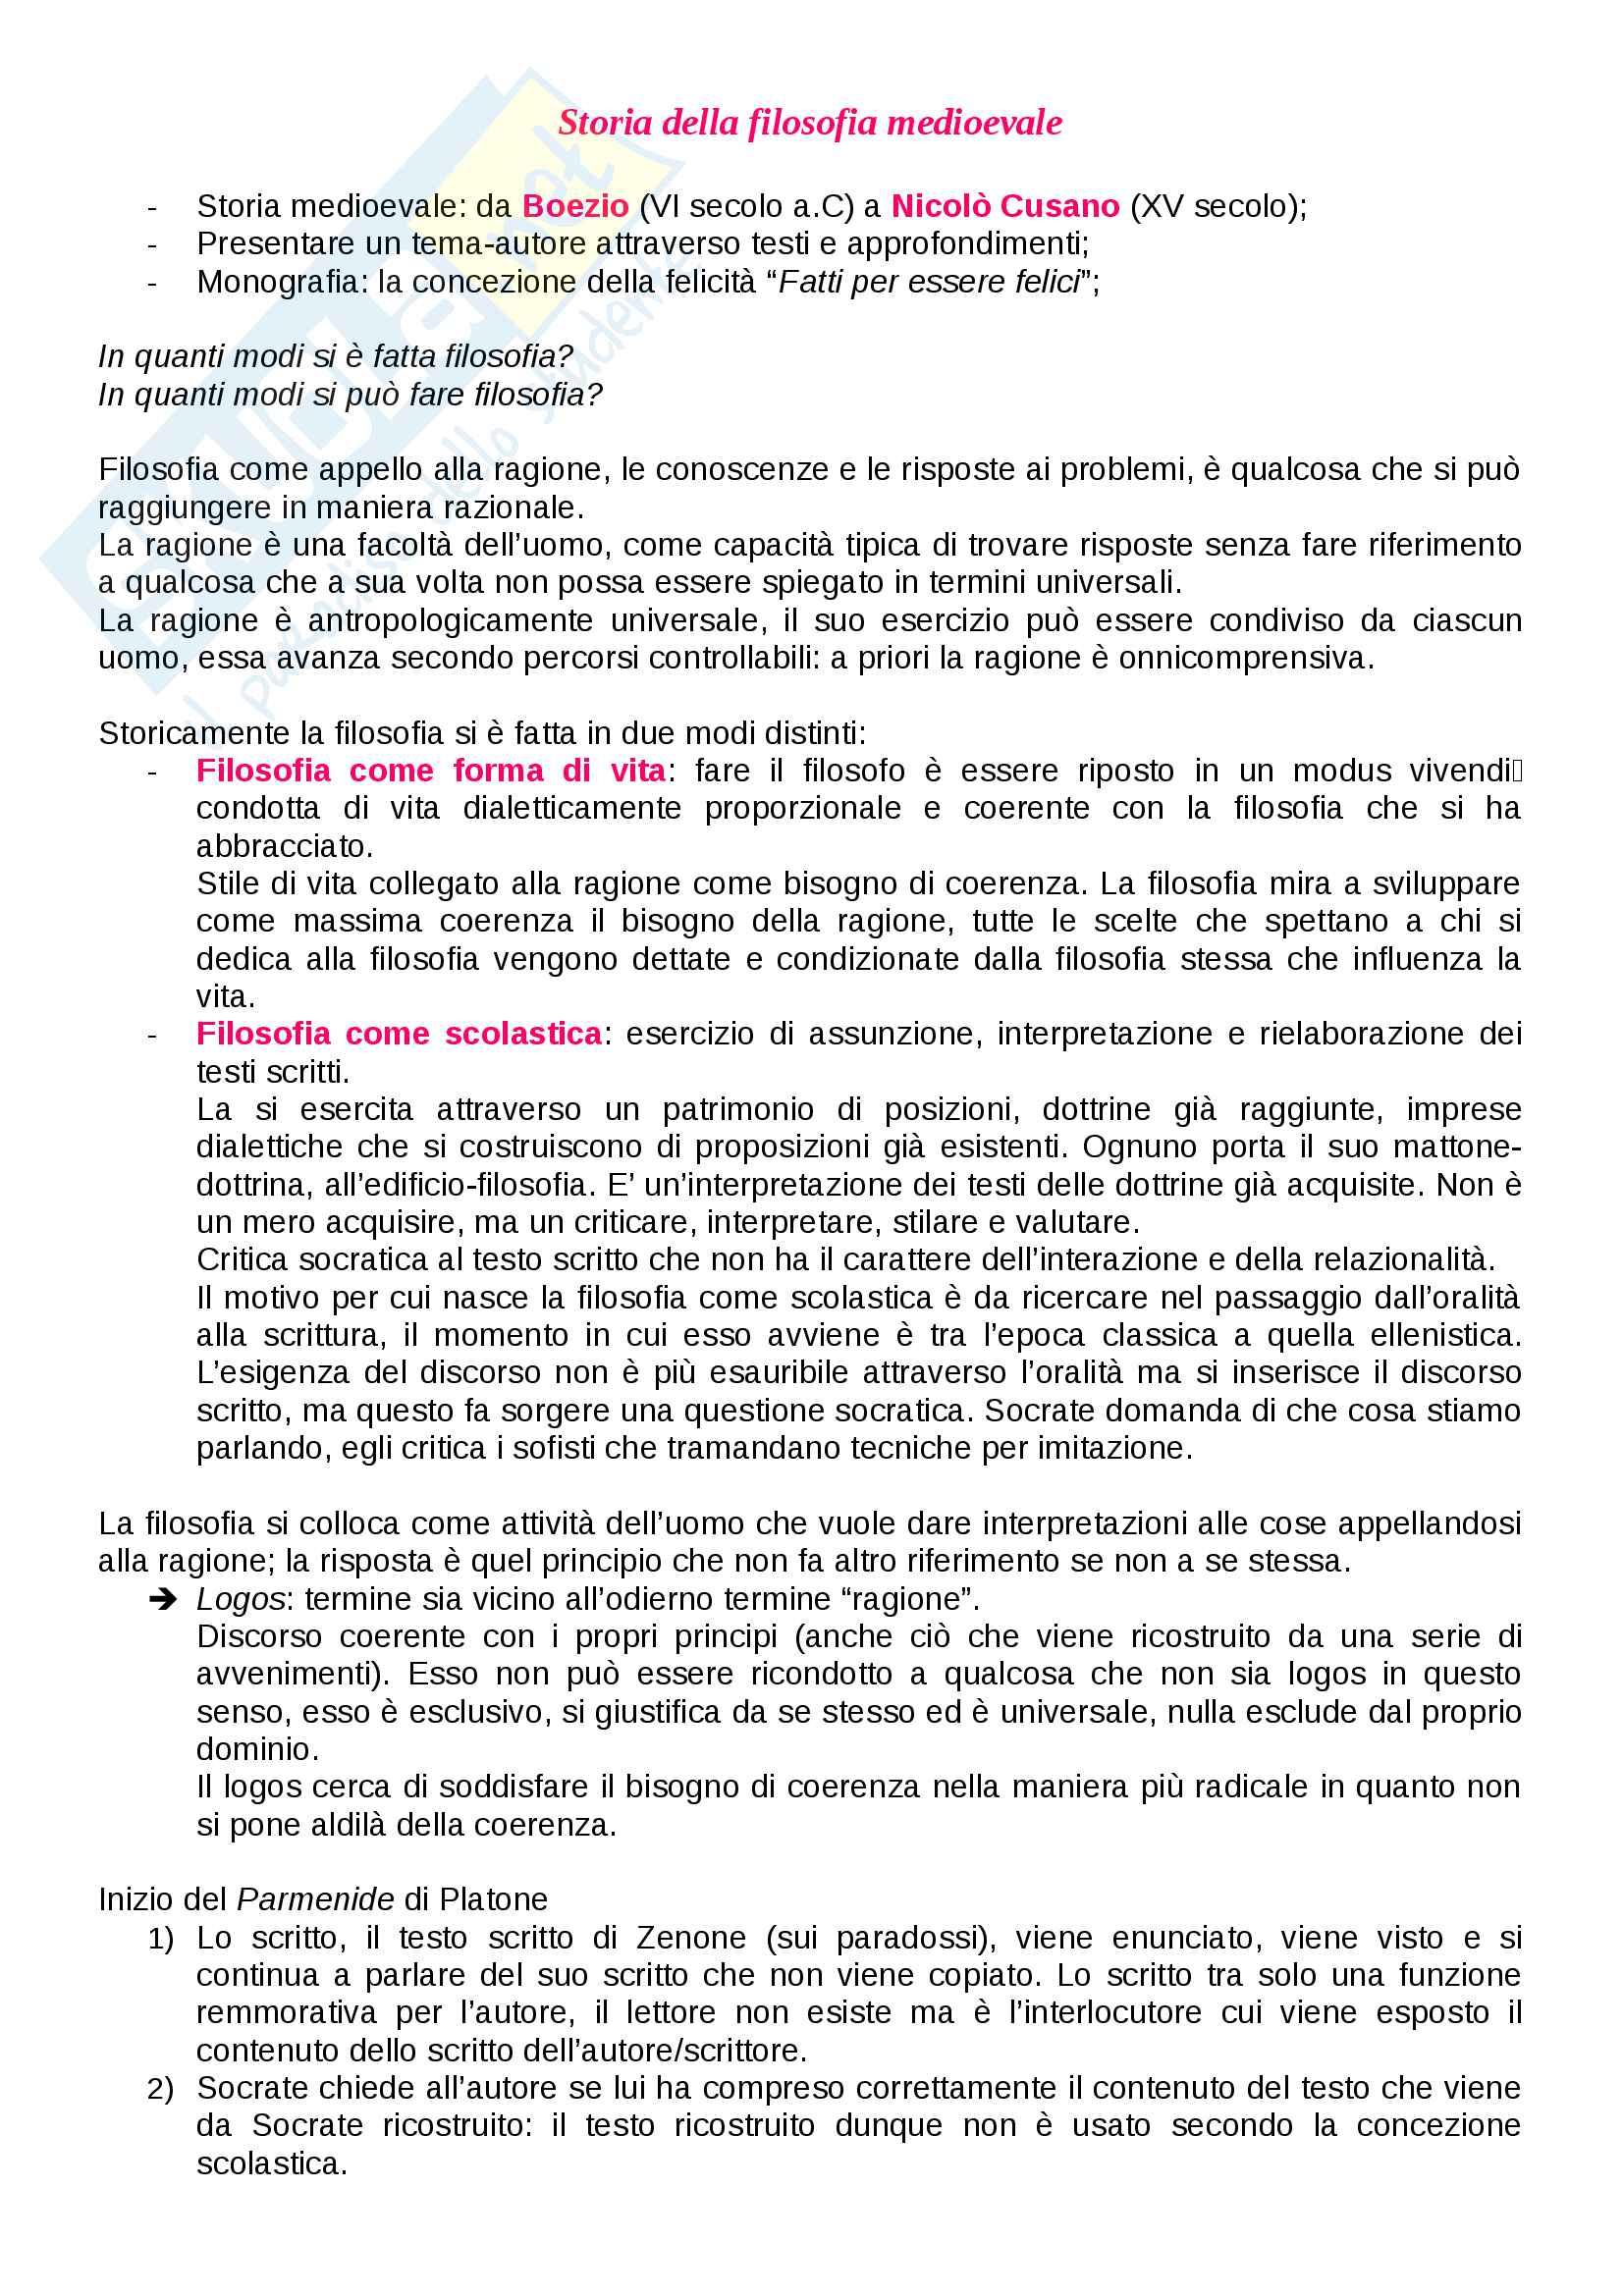 Appunti di Storia della filosofia medioevale (lezioni complete)